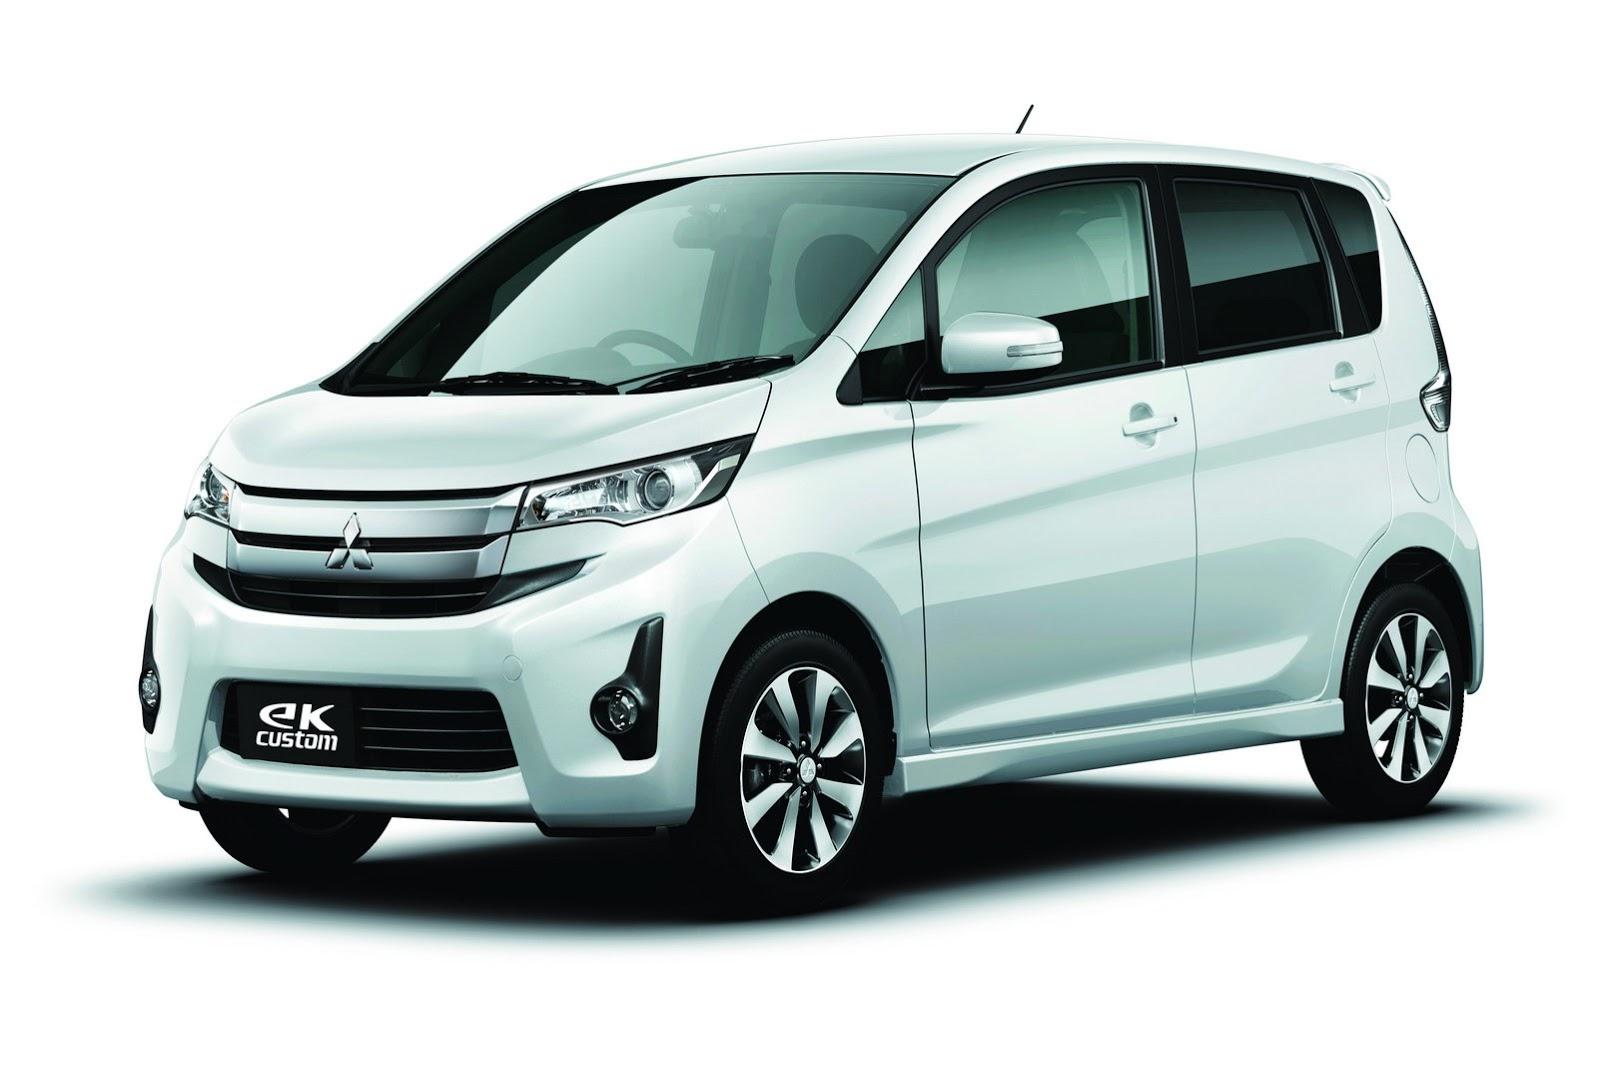 В Японии существенно снизились продажи малолитражных автомобилей 3